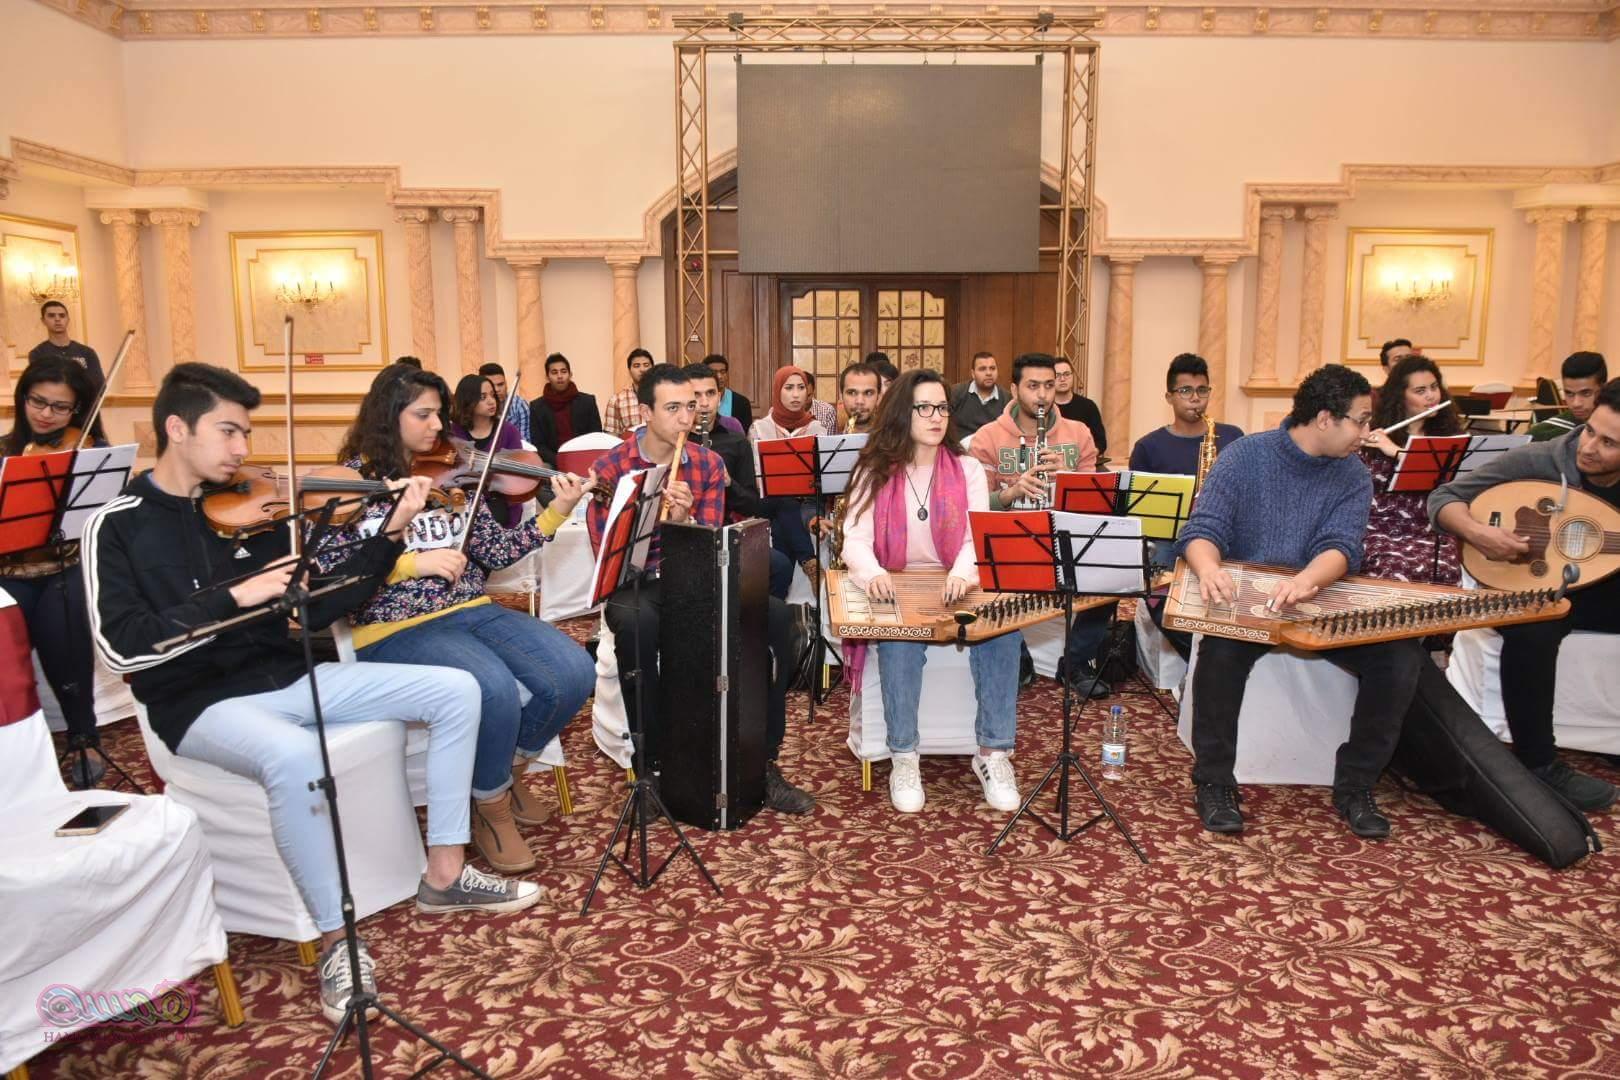 بالصور اوكسترا وزارة الشباب والرياضة يستقبل لطفي بوشناق استعدادا لحفل الافتتاح